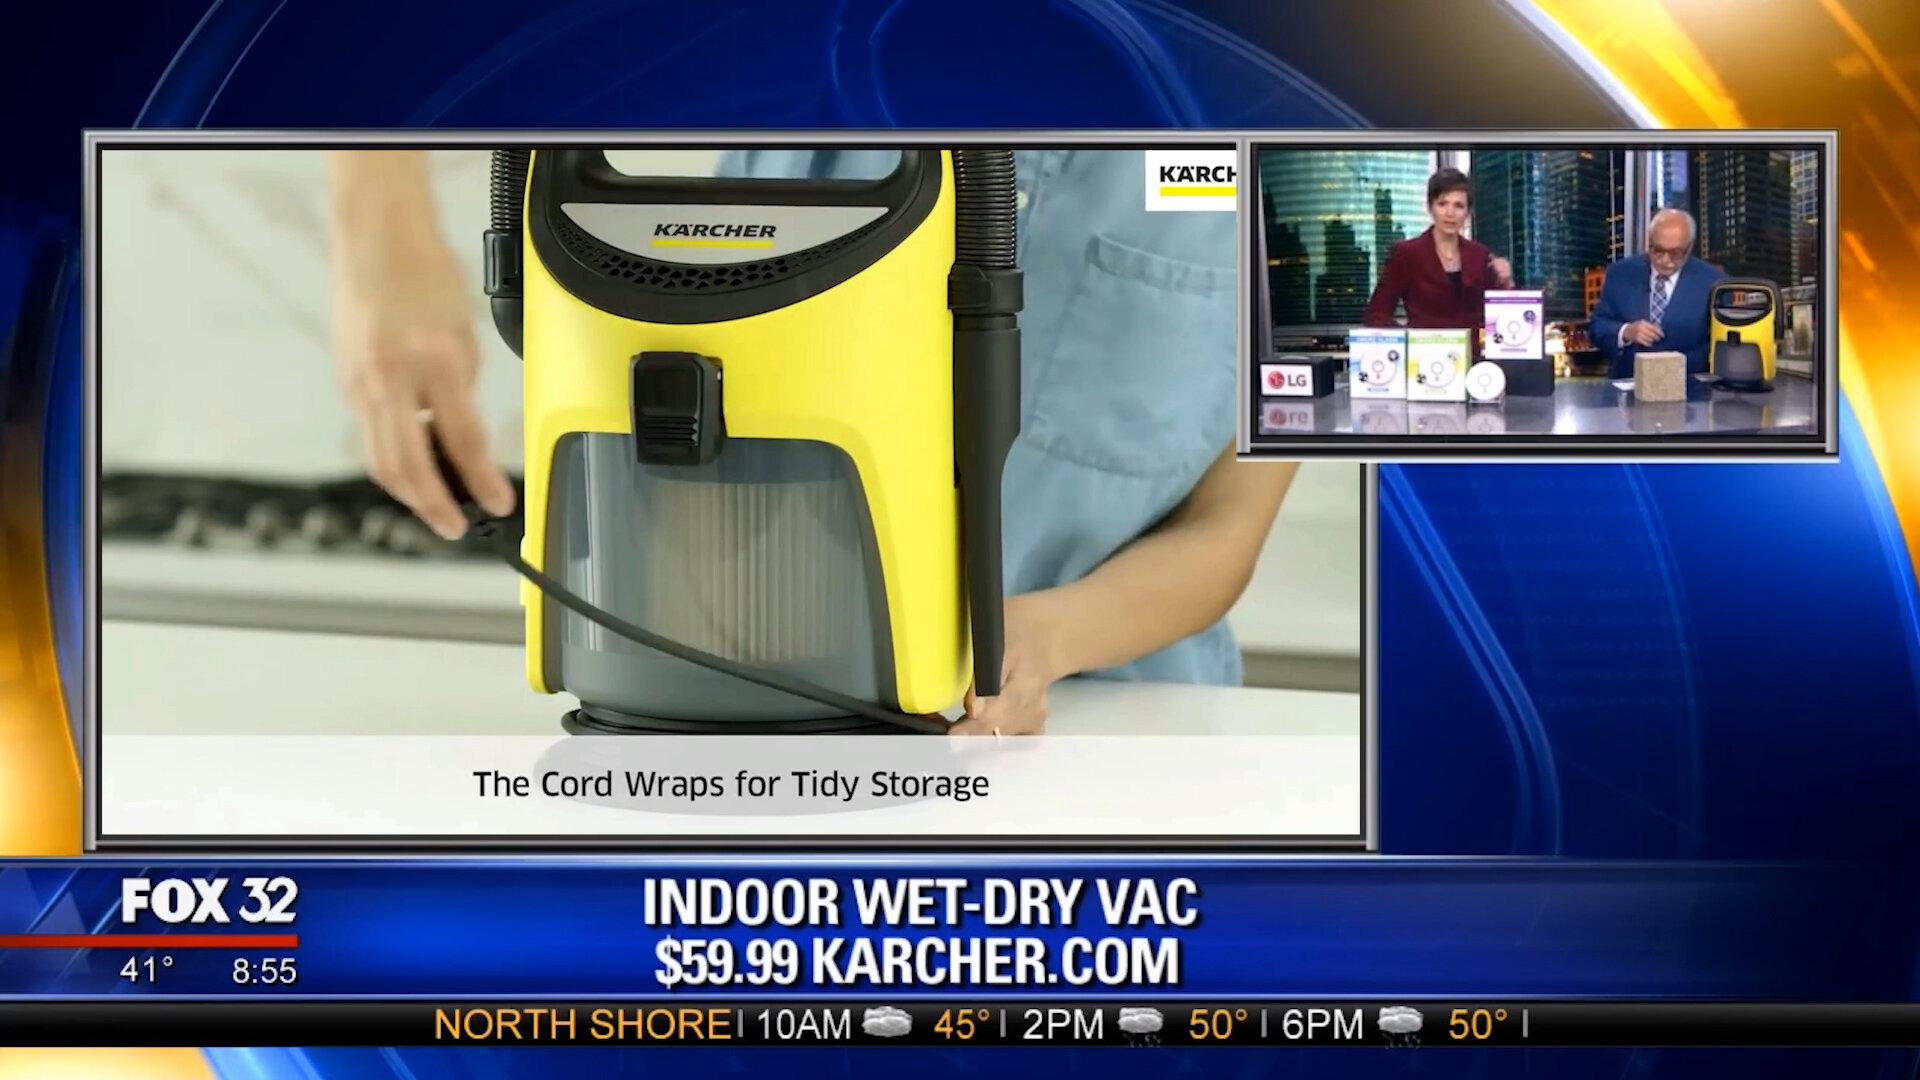 KARCHER K-TV1 INDOOR WET-DRY VAC - $59.99Shop Now